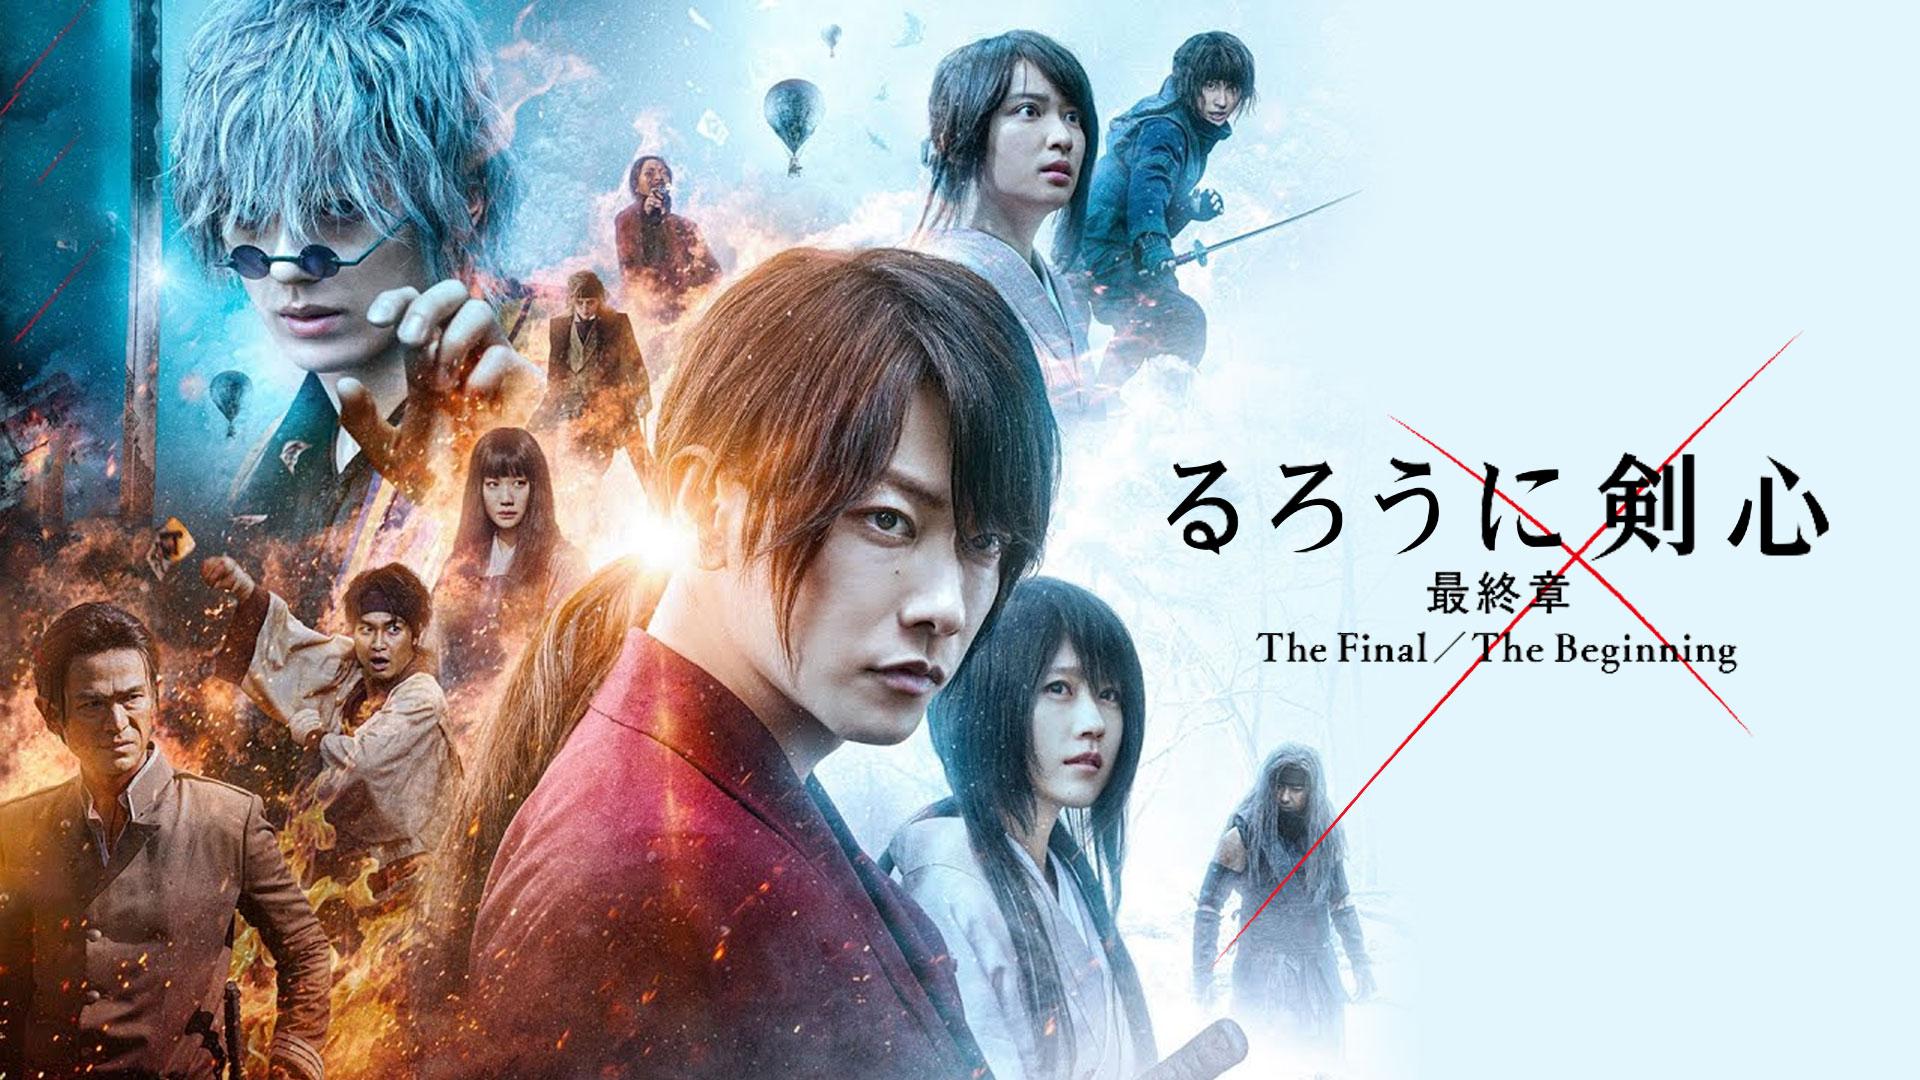 『るろうに剣心 最終章 The Final/The Beginning』10周年記念特別映像